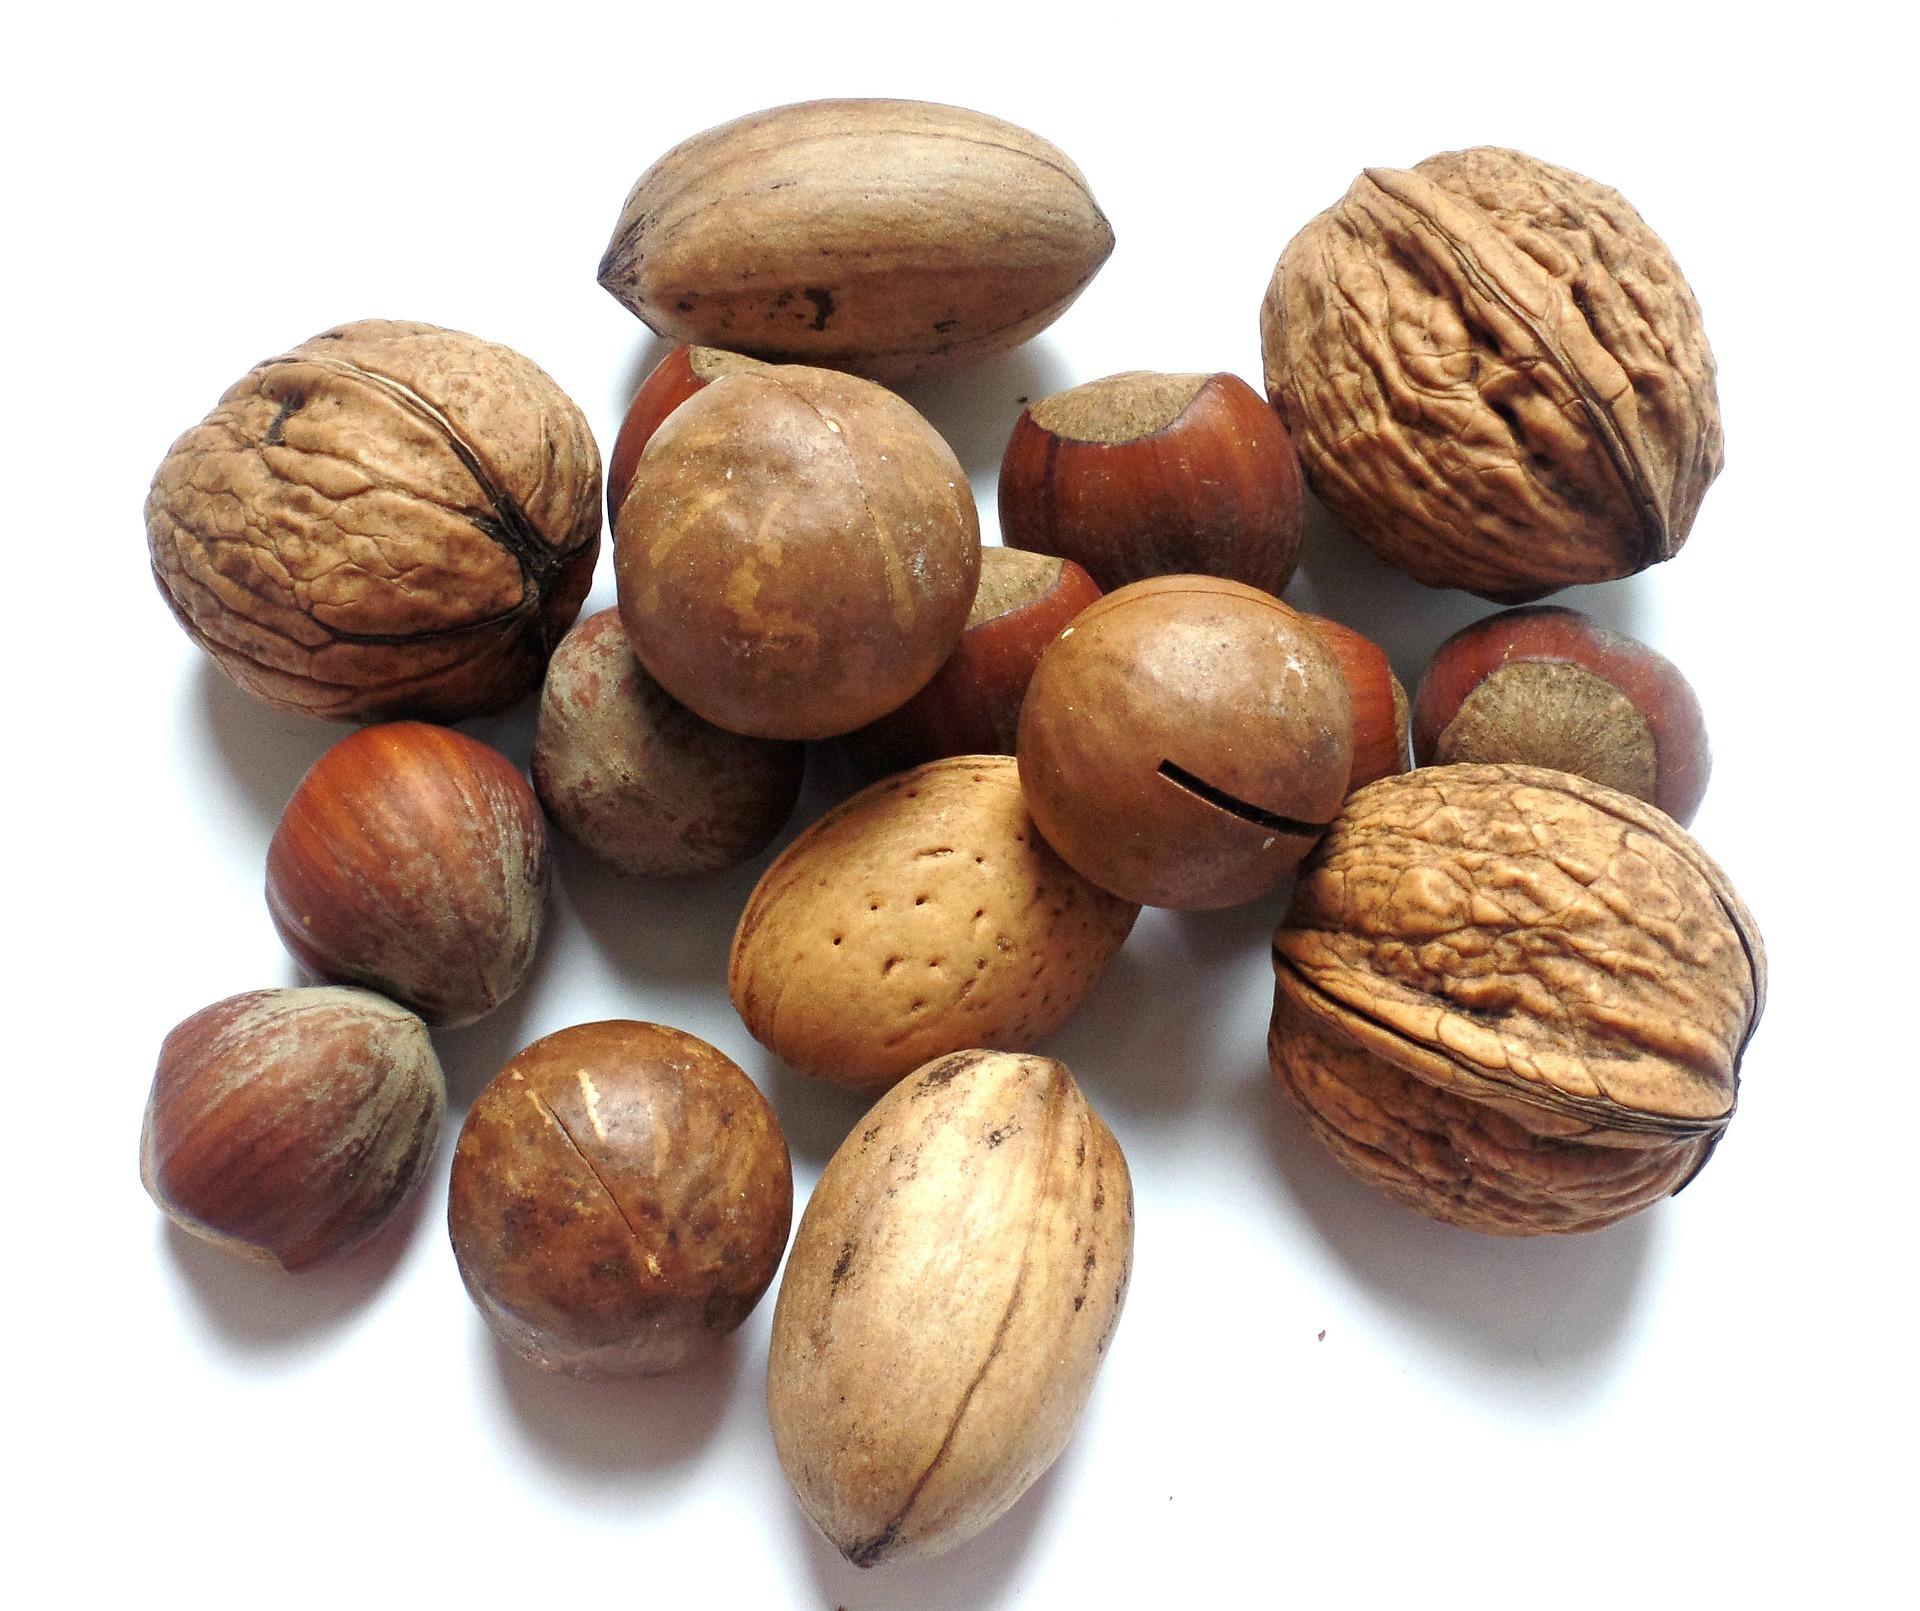 Mezcla de frutos secos